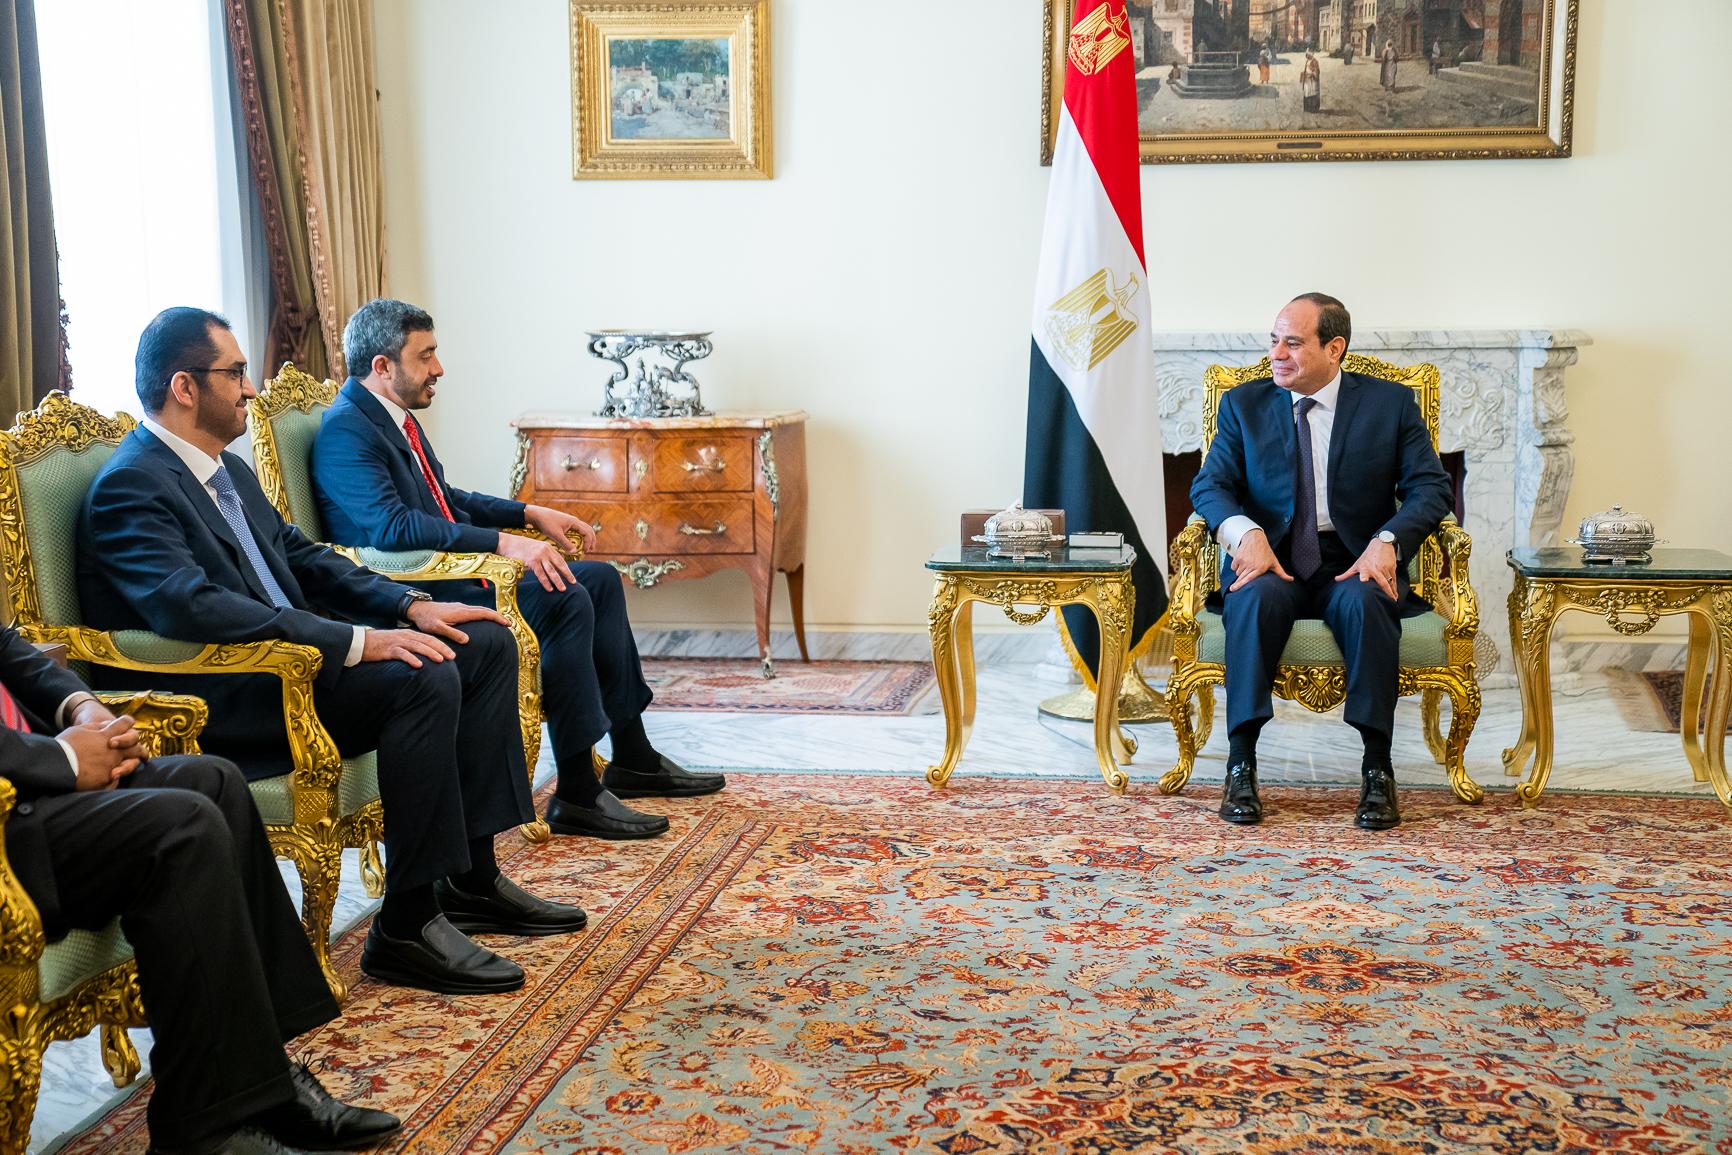 السيسي يستقبل عبدالله بن زايد ويؤكد تضامن مصر ودعمها للإمارات في مواجهة مختلف التحديات